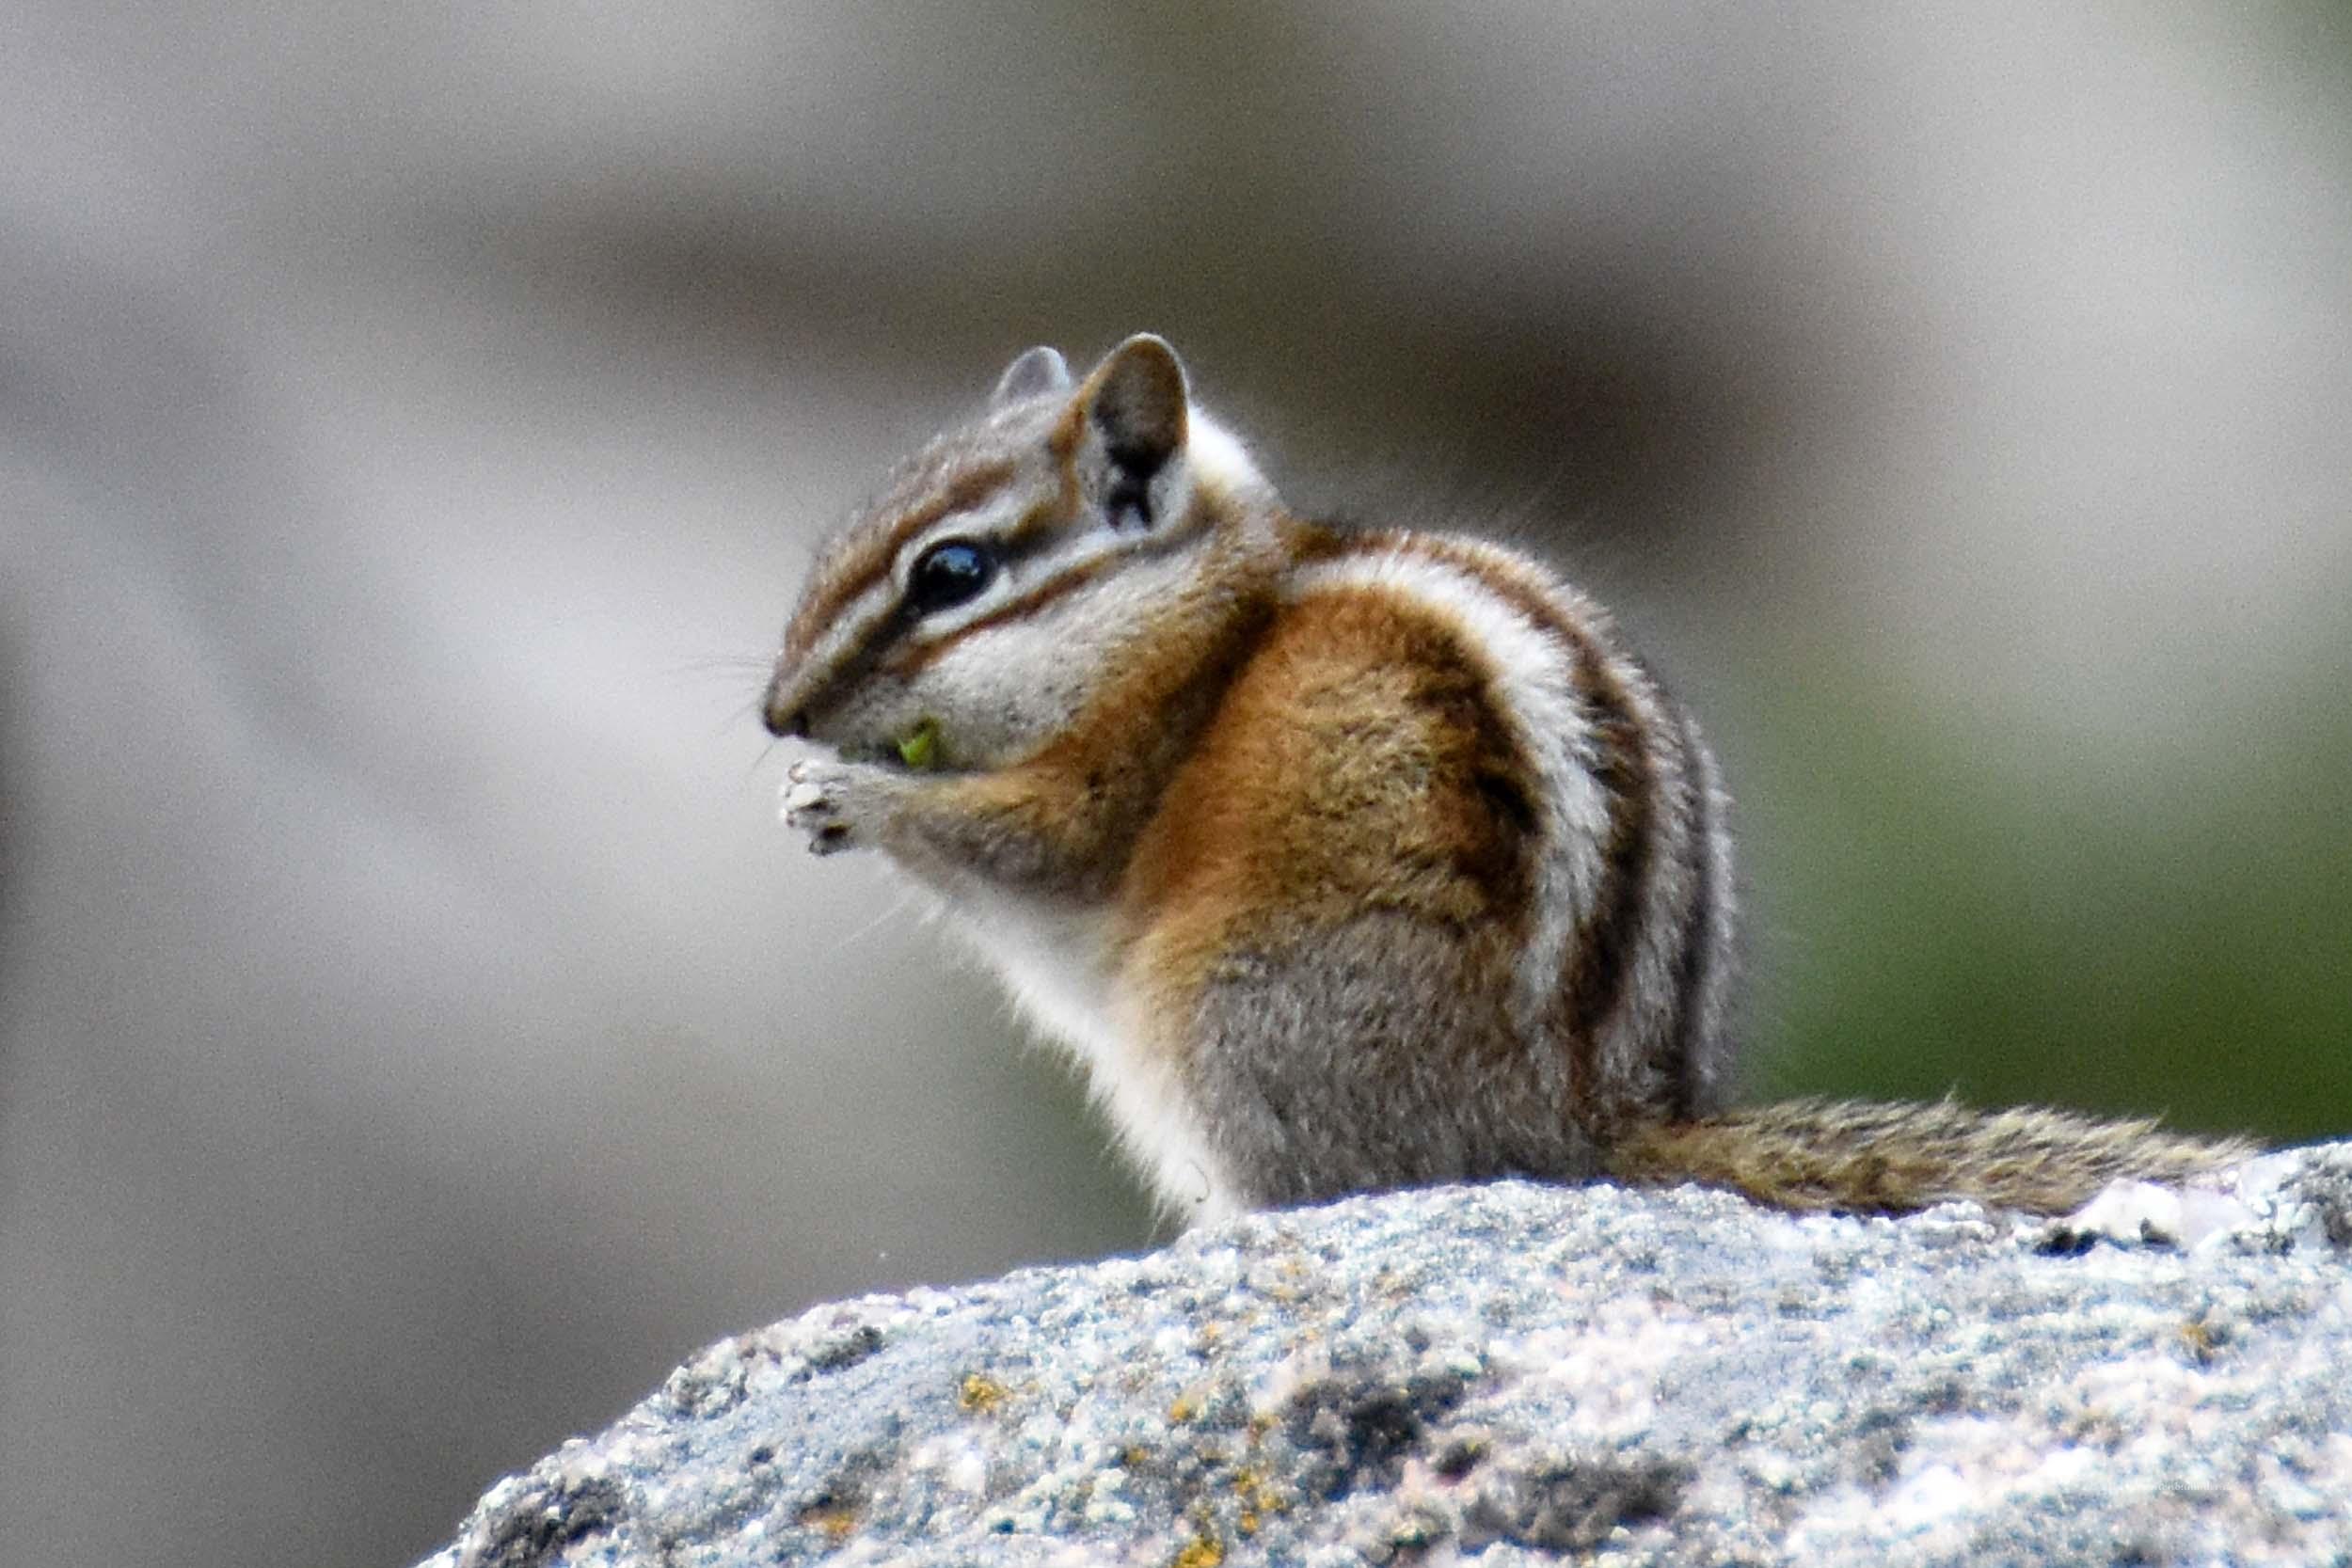 Chipmunk am Mount Rushmore